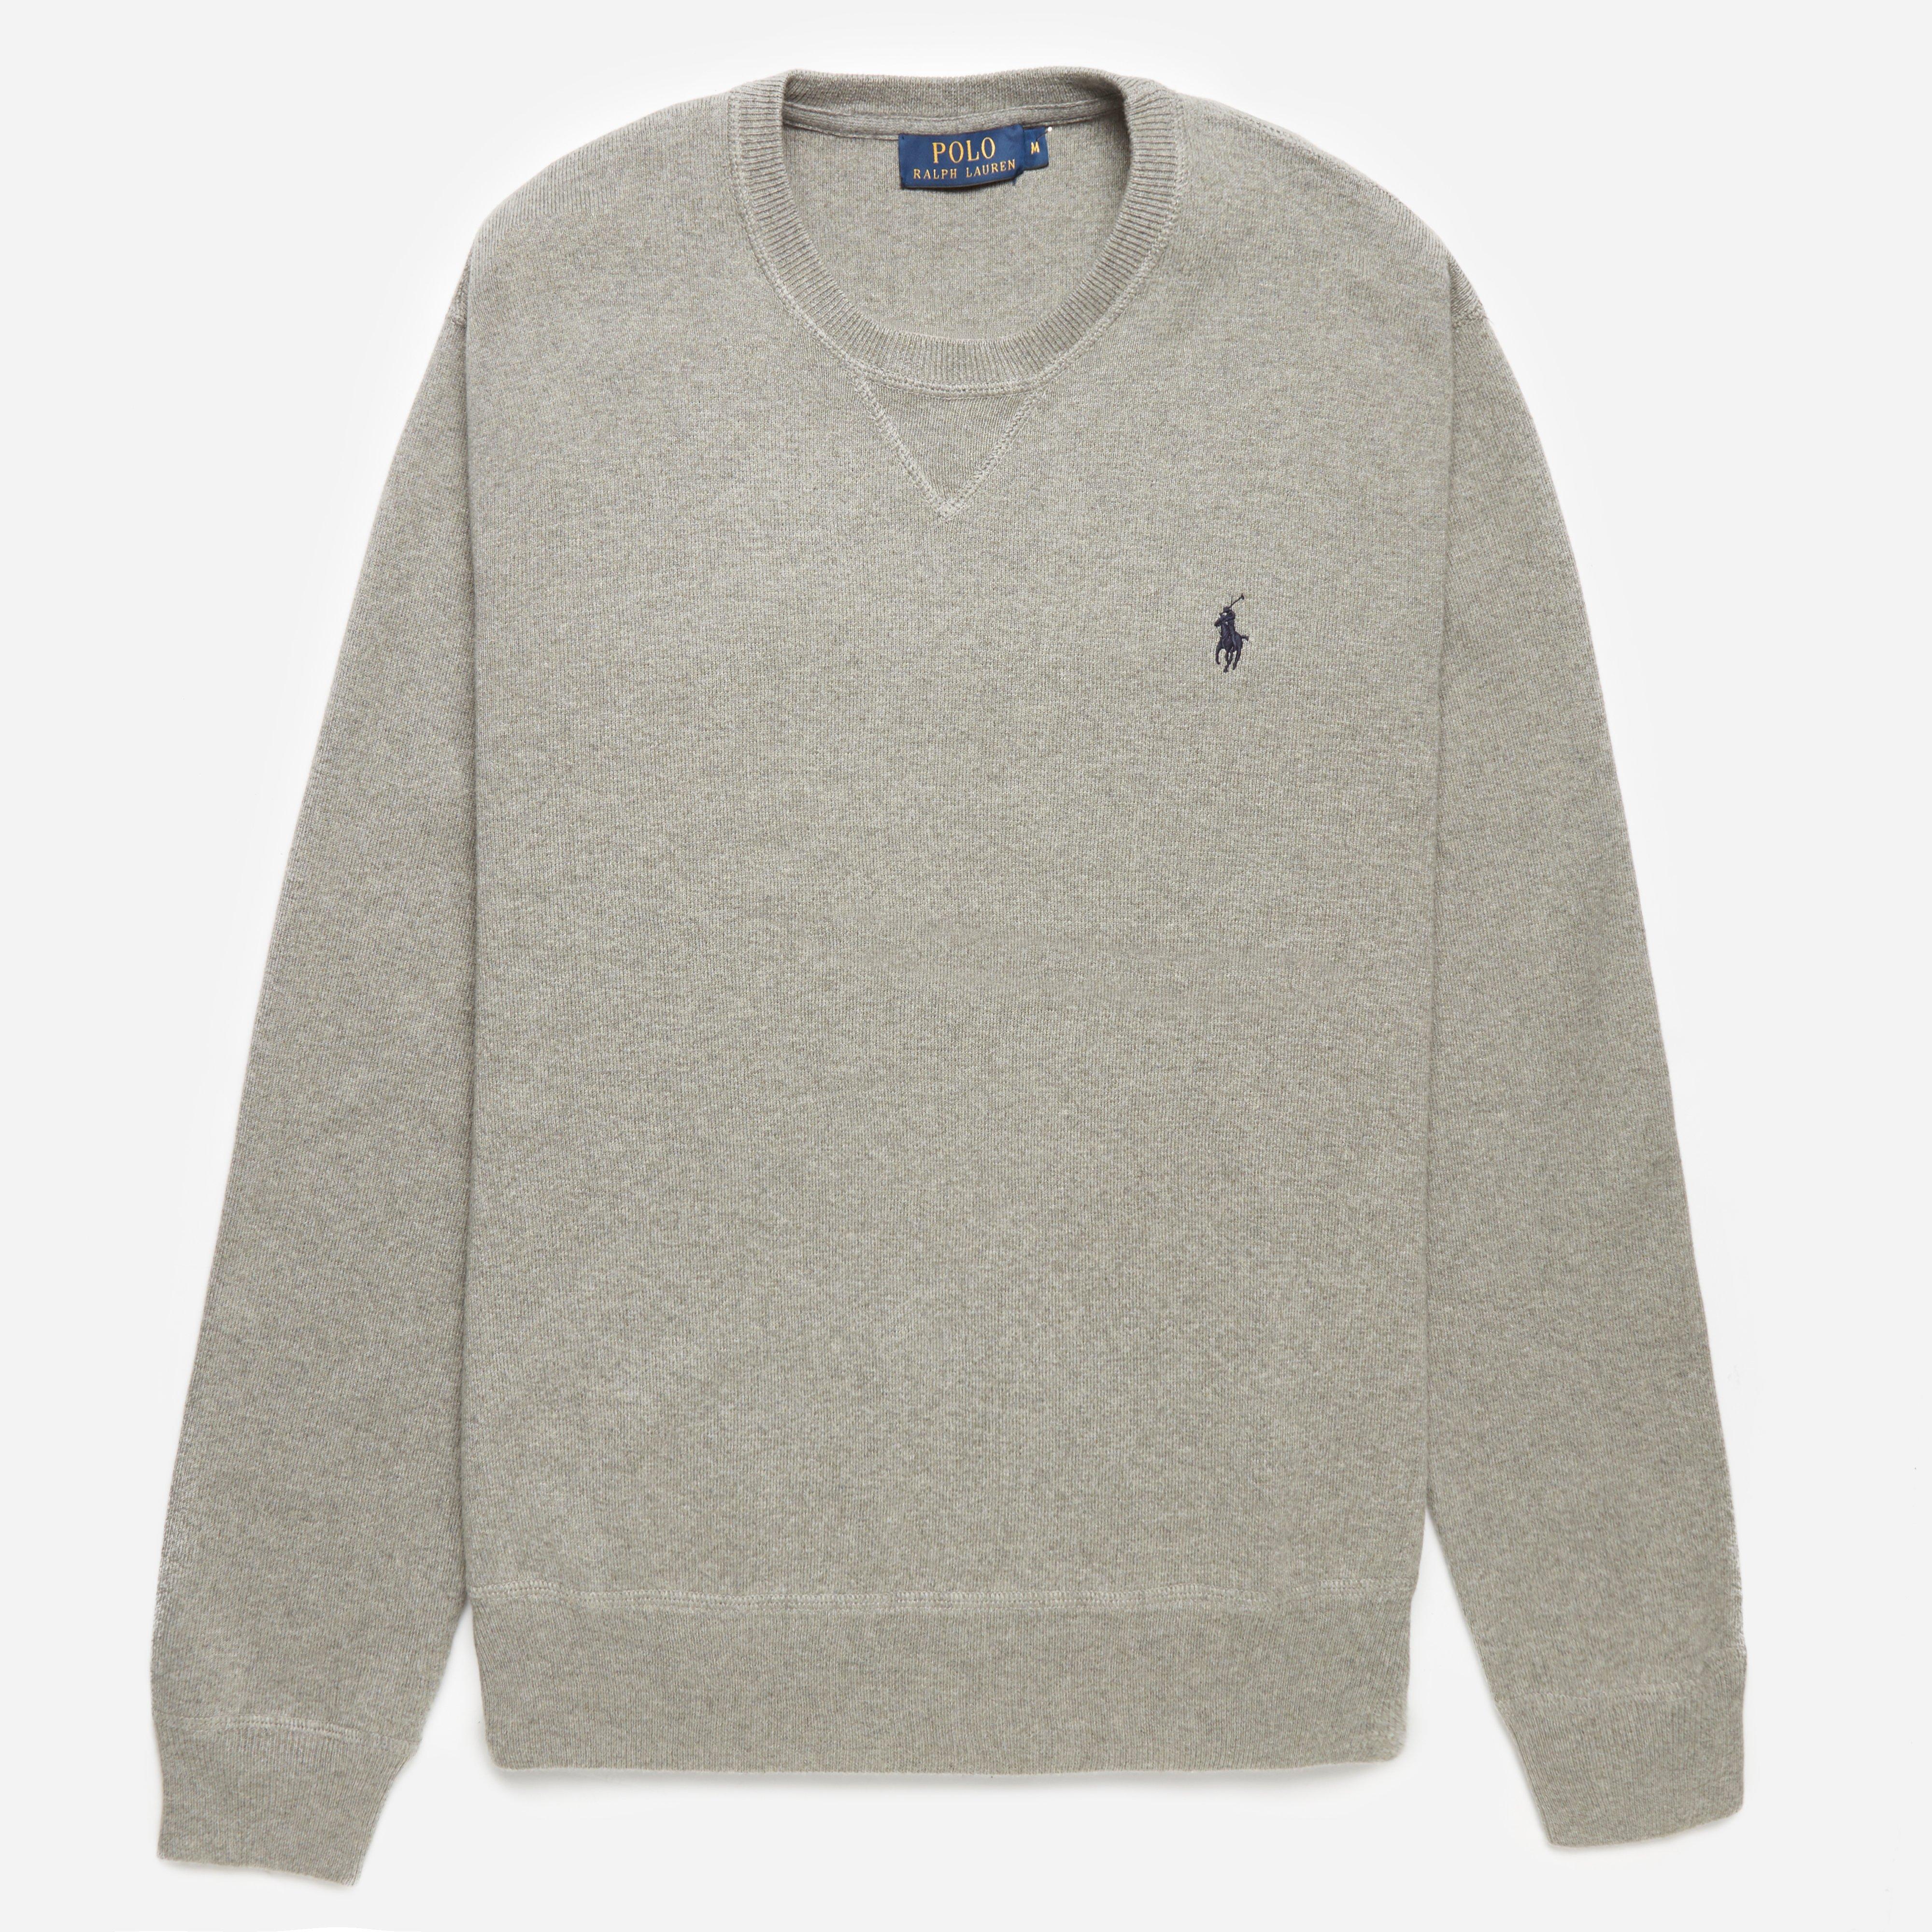 Polo Ralph Lauren Crewneck Sweatshirt